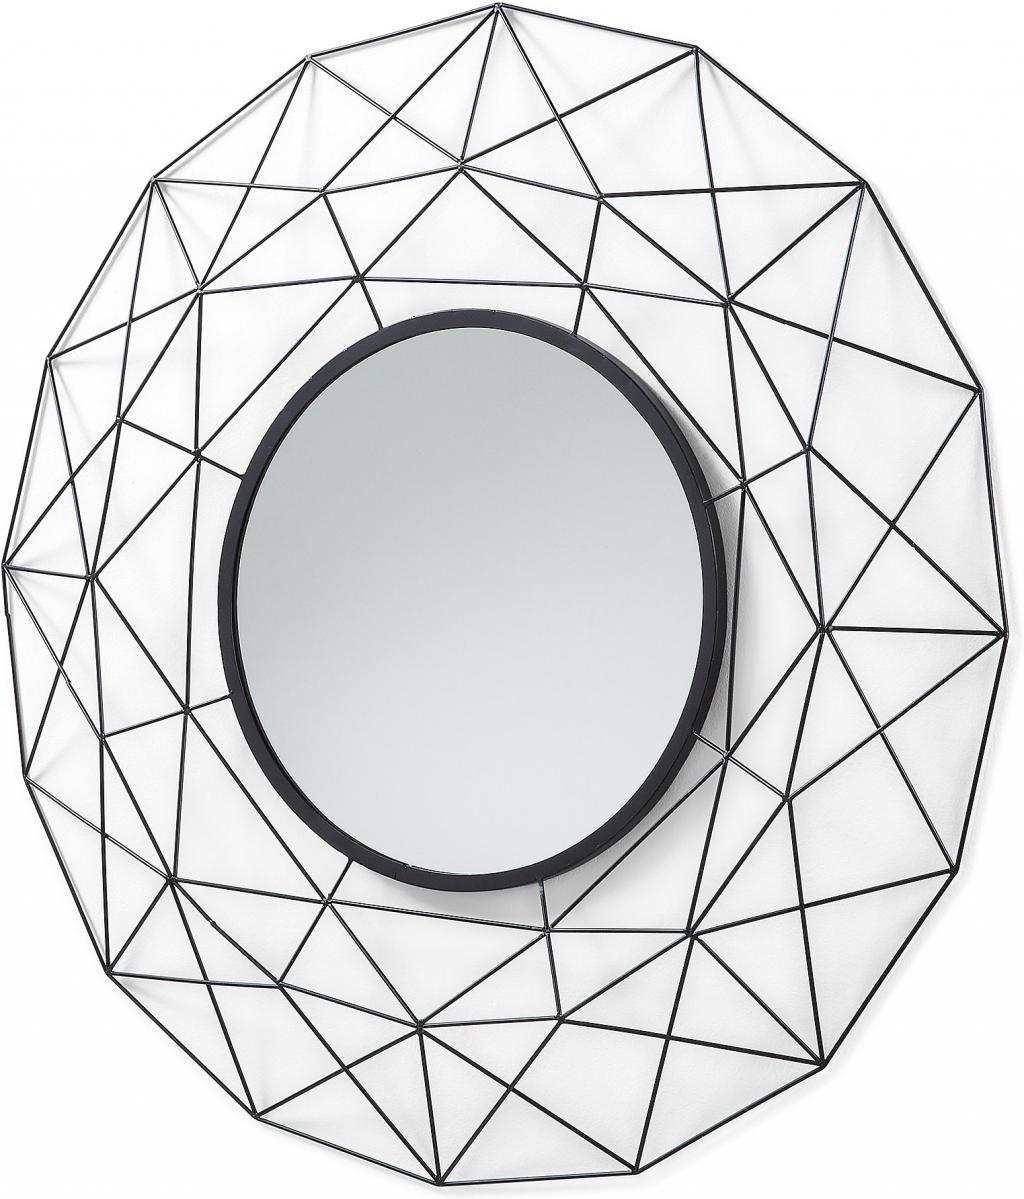 spiegel habita rund metall schwarz la forma kaufen wohn und. Black Bedroom Furniture Sets. Home Design Ideas